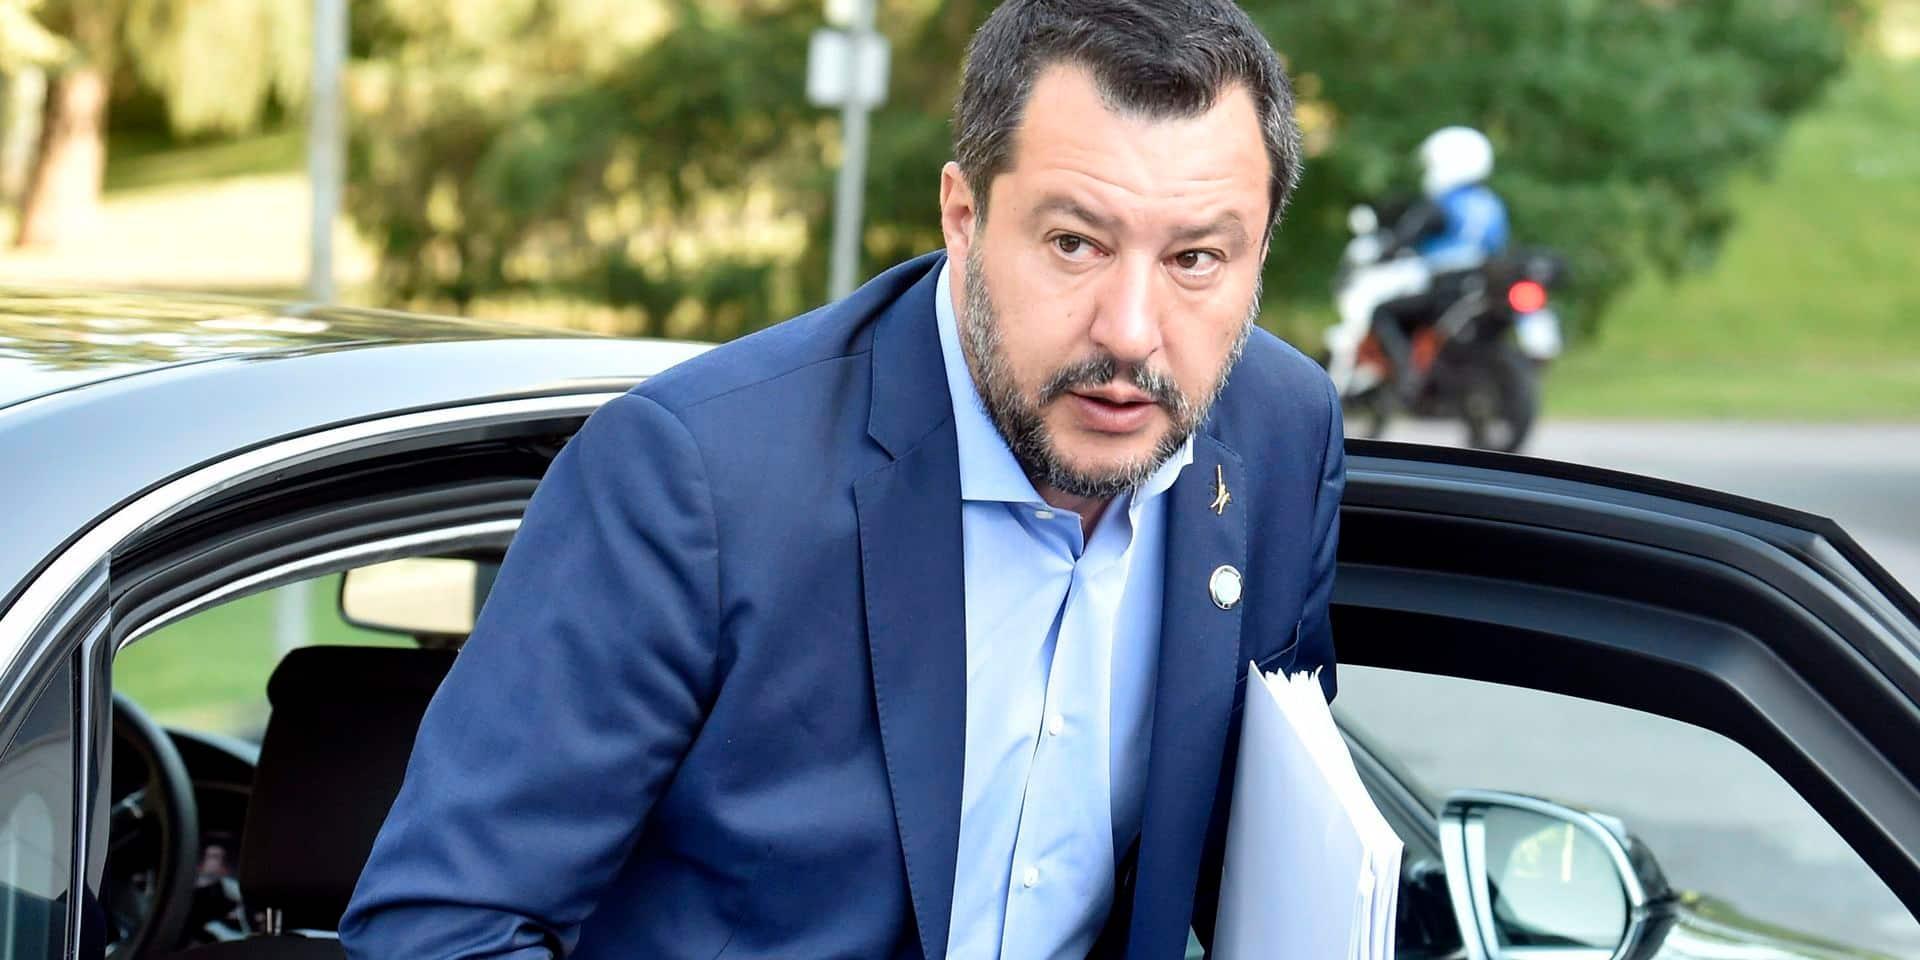 Salvini réclame des élections anticipées, une décision brutale qui plonge l'Italie dans l'incertitude